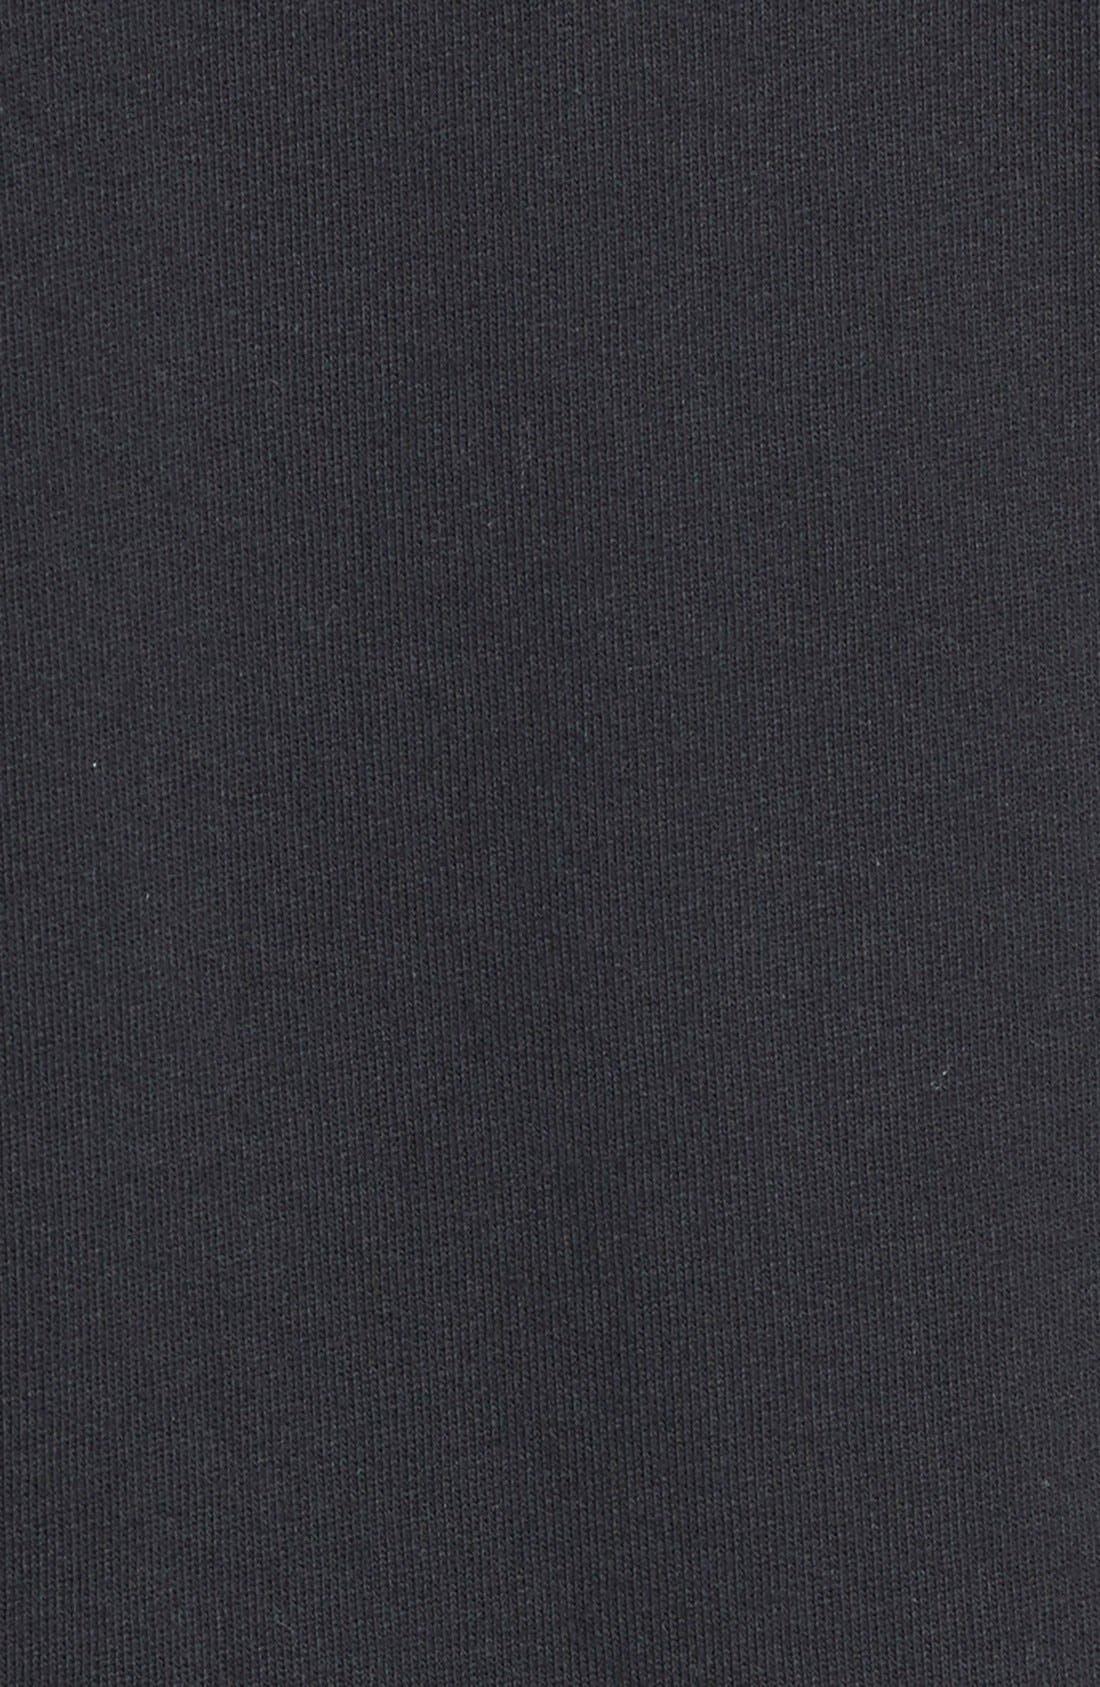 Alternate Image 3  - Caslon® Mixed Knit Bomber Jacket